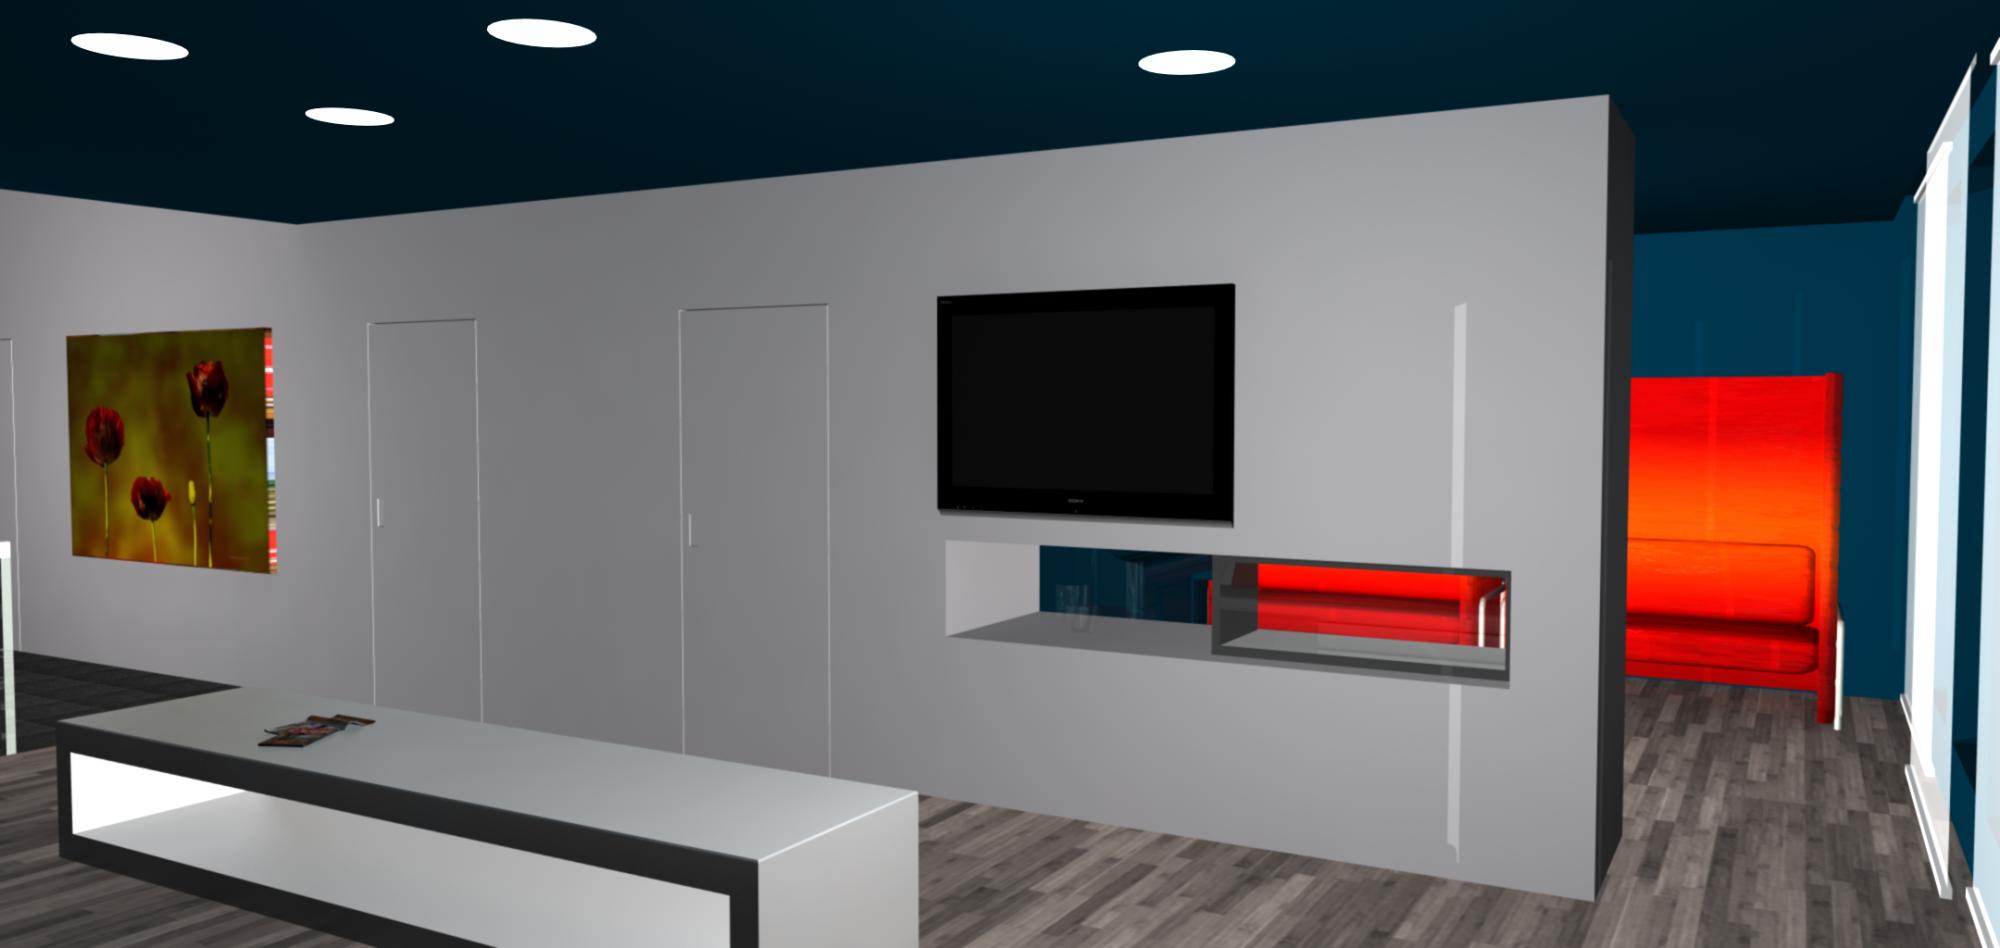 A3 ontwerpburo - Idee ouderlijke slaapkamer met badkamer ...